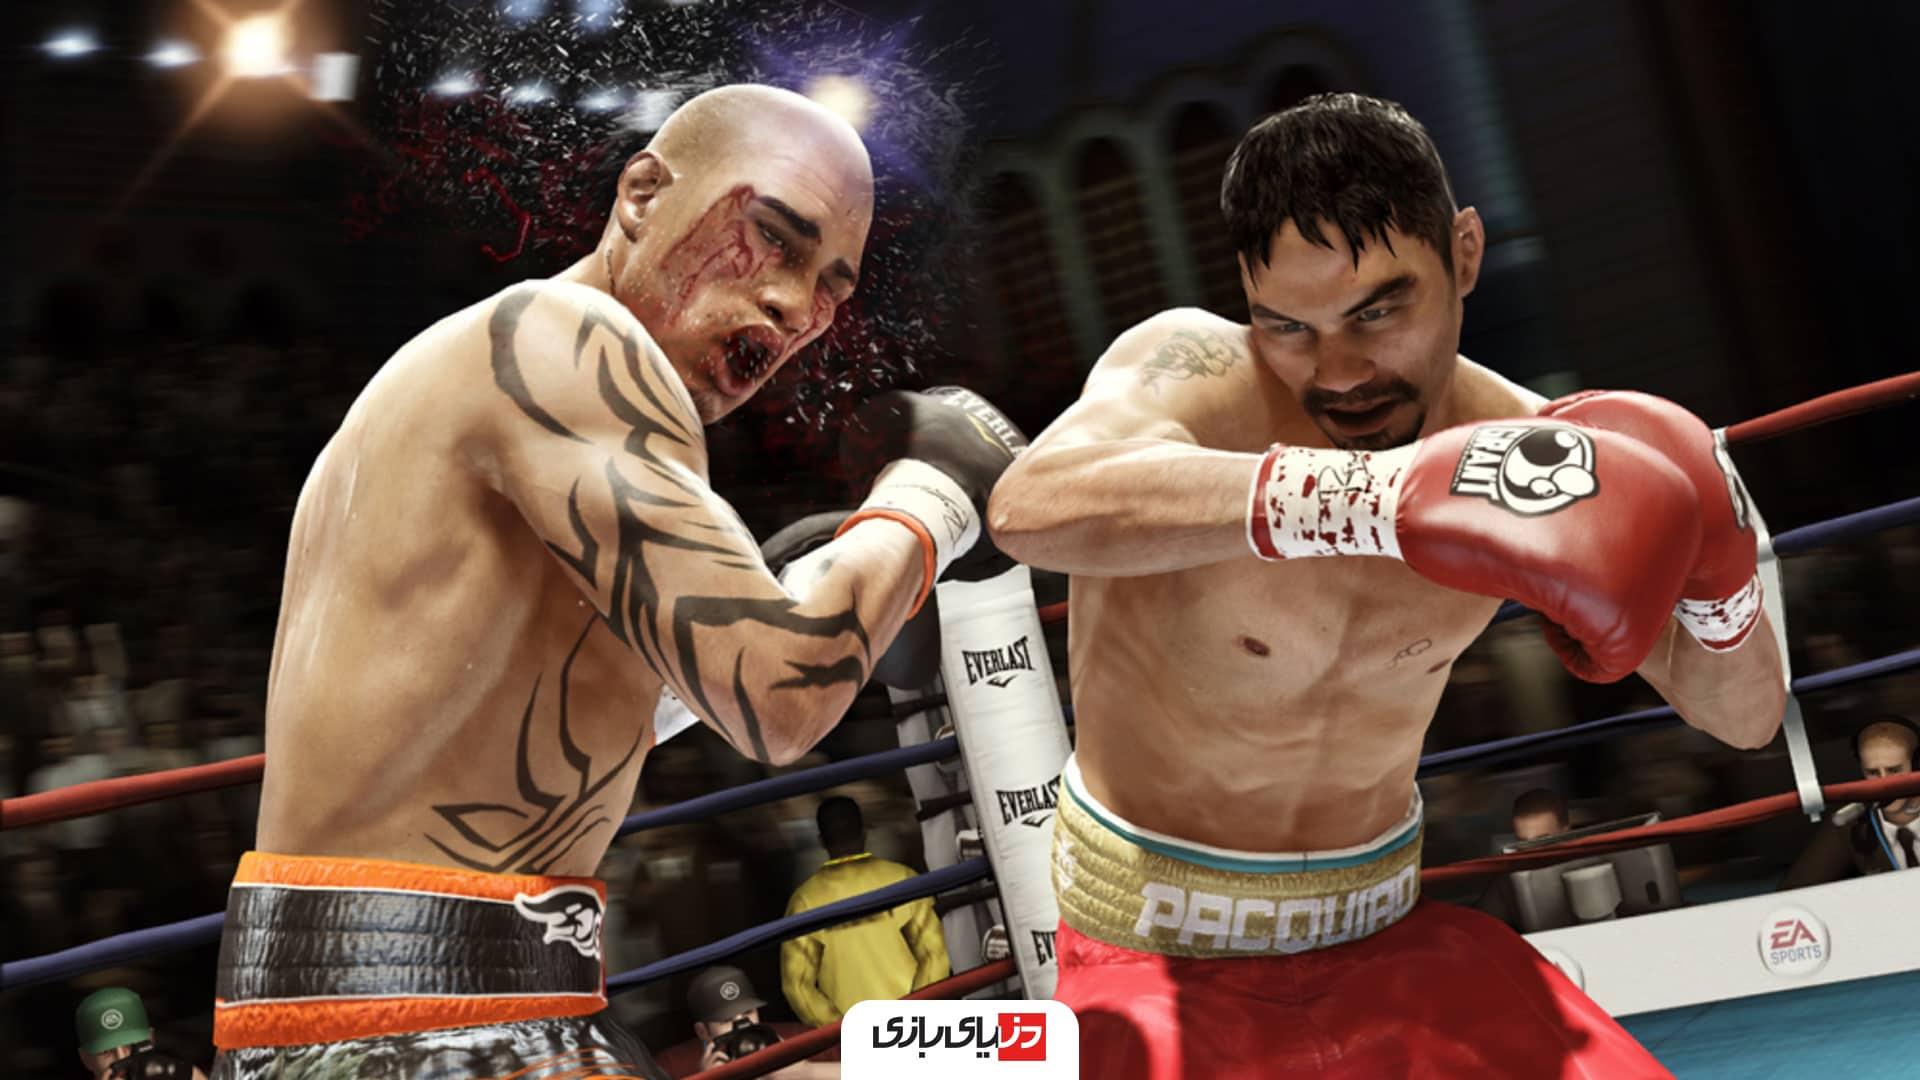 بازی های بوکس -Fight Night Round 4